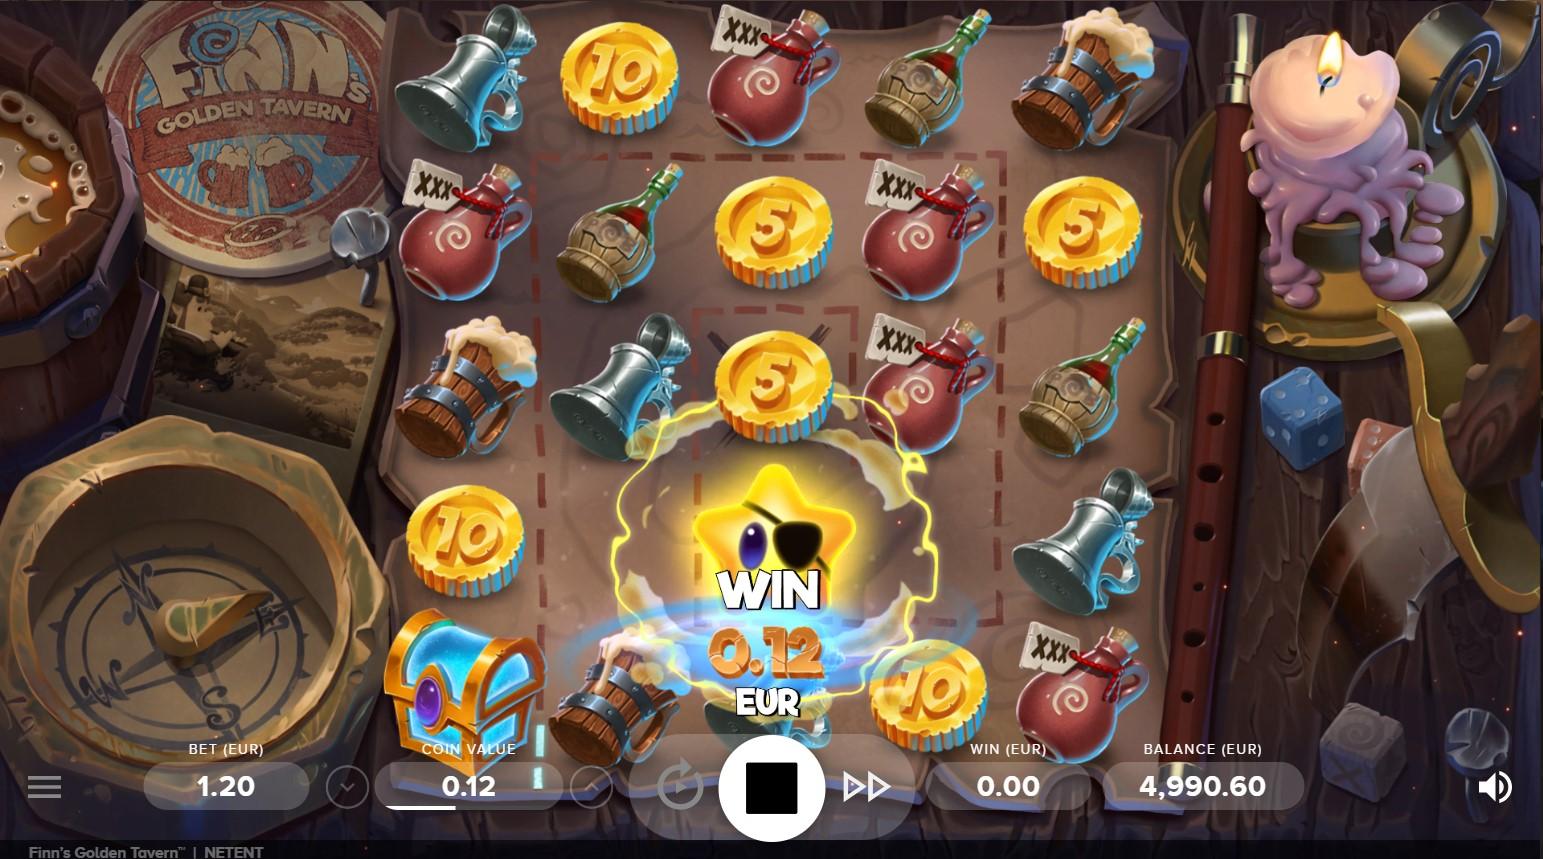 Finn's Golden Tavern Slot Gameplay